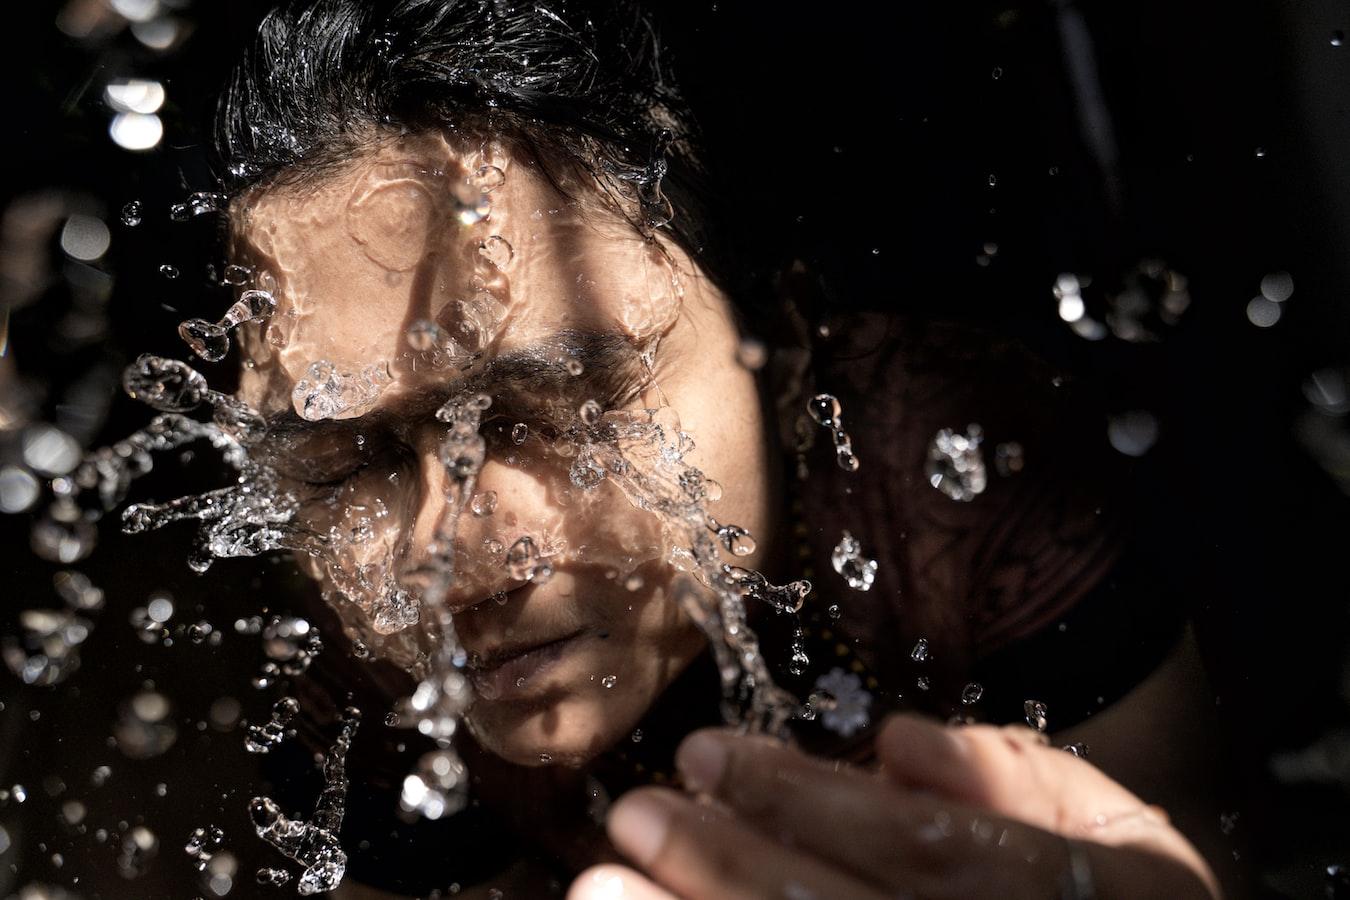 日本皮膚科醫師教「抗老」!7 招抗皺紋從洗澡開始   Heho健康